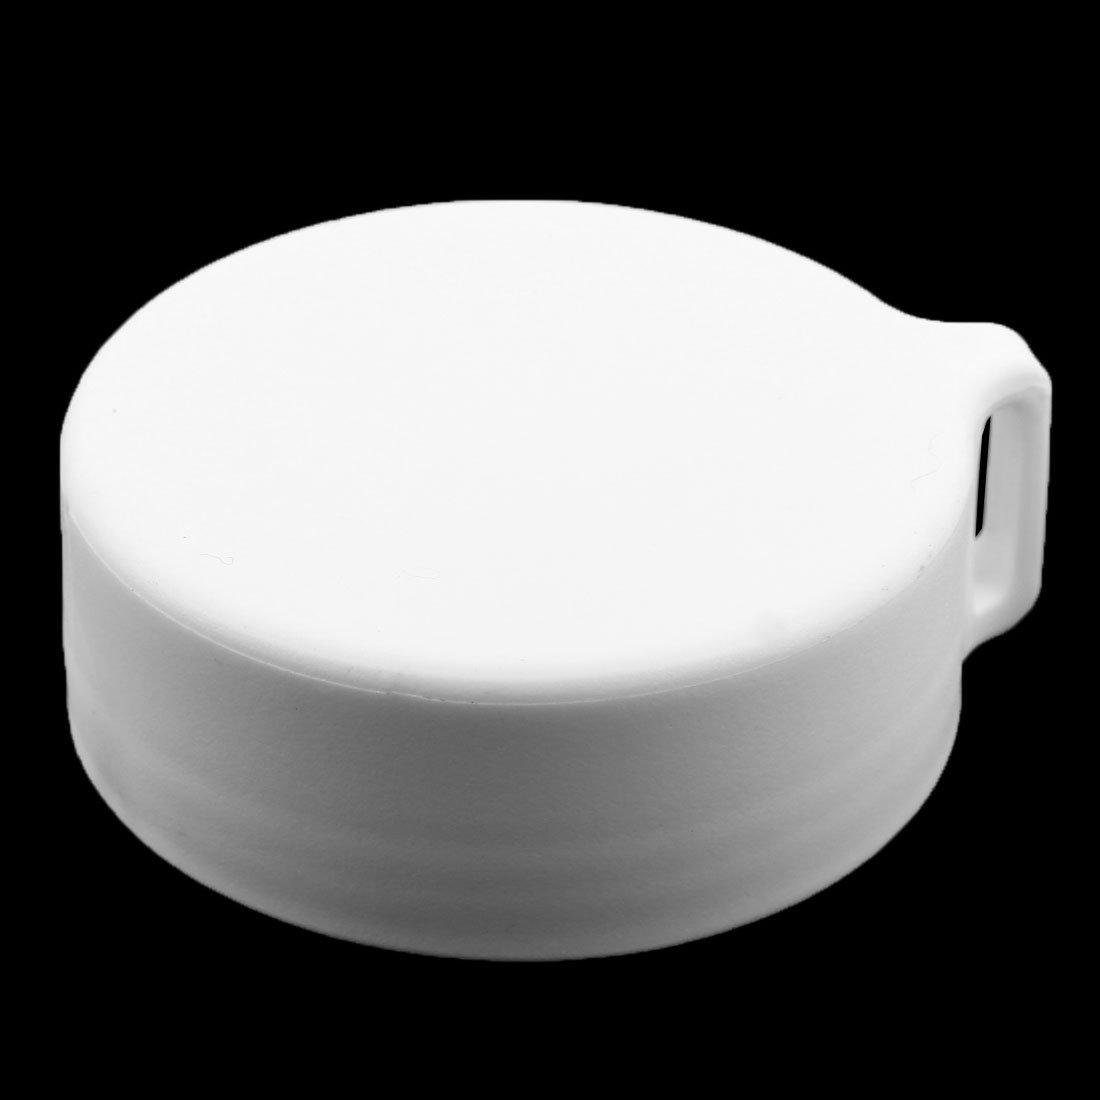 Amazon.com : eDealMax Estampado de Flores de plástico Estudiante Doble Capa Botella de Taza de agua, se divierte la Taza Portable, Viajes Caldera 300ml ...